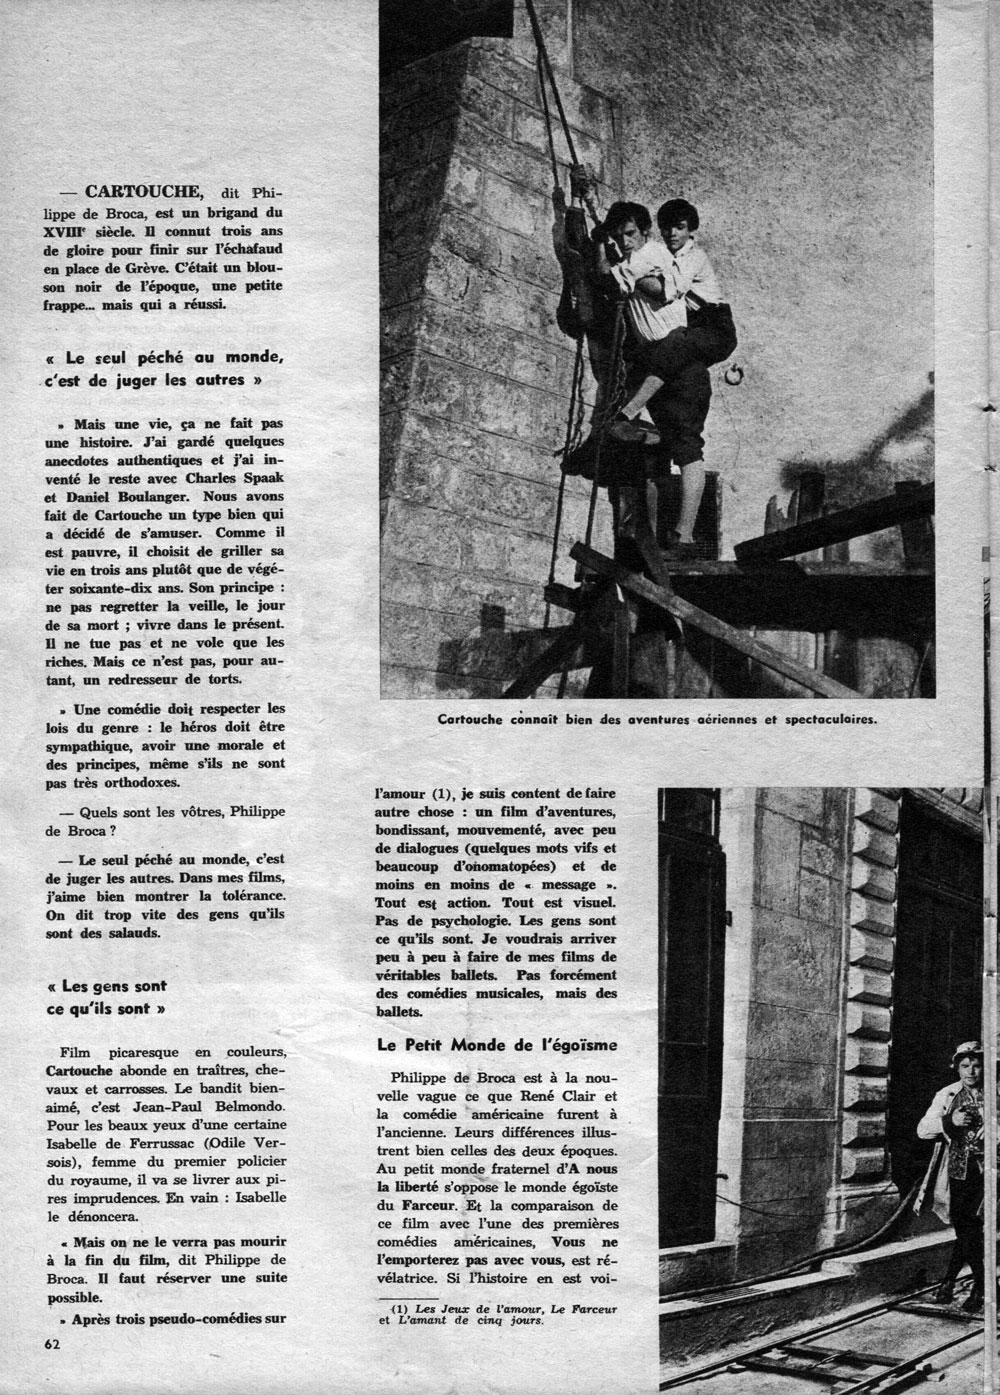 TELERAMA-608-10-09-1961-cartoucheWEB